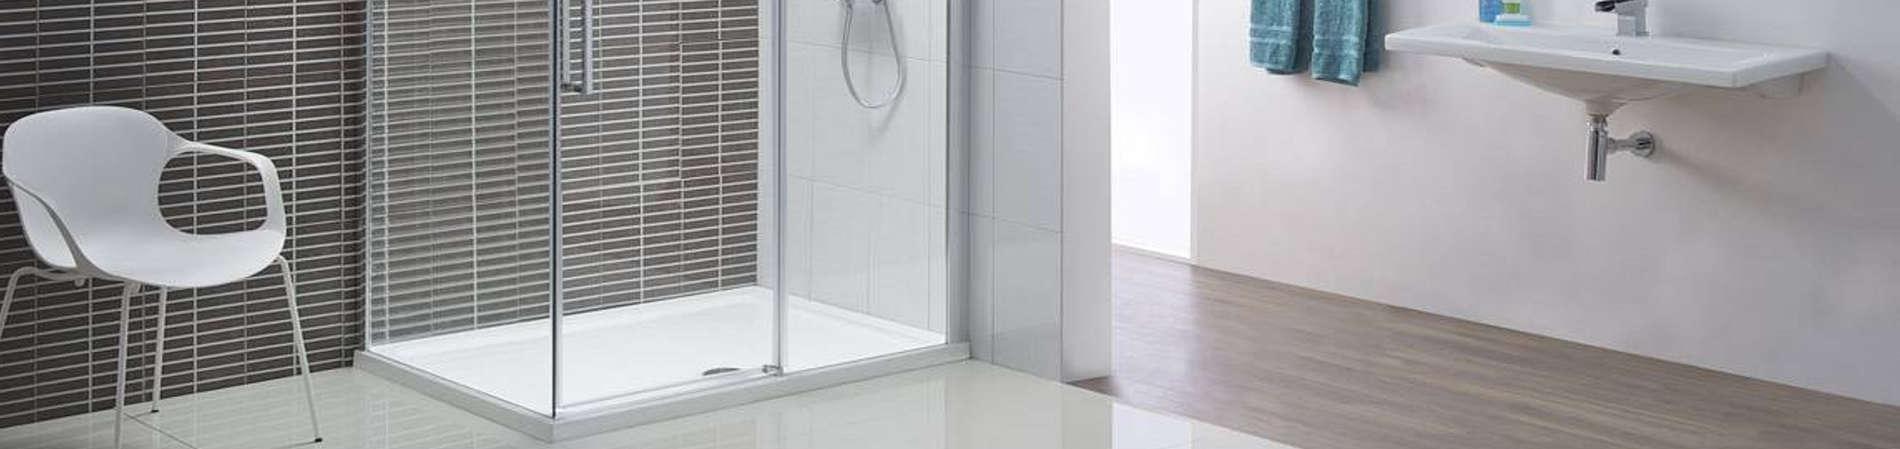 Trasformare vasca in doccia leroy merlin in veggia veggia for Trasformare vasca in doccia leroy merlin